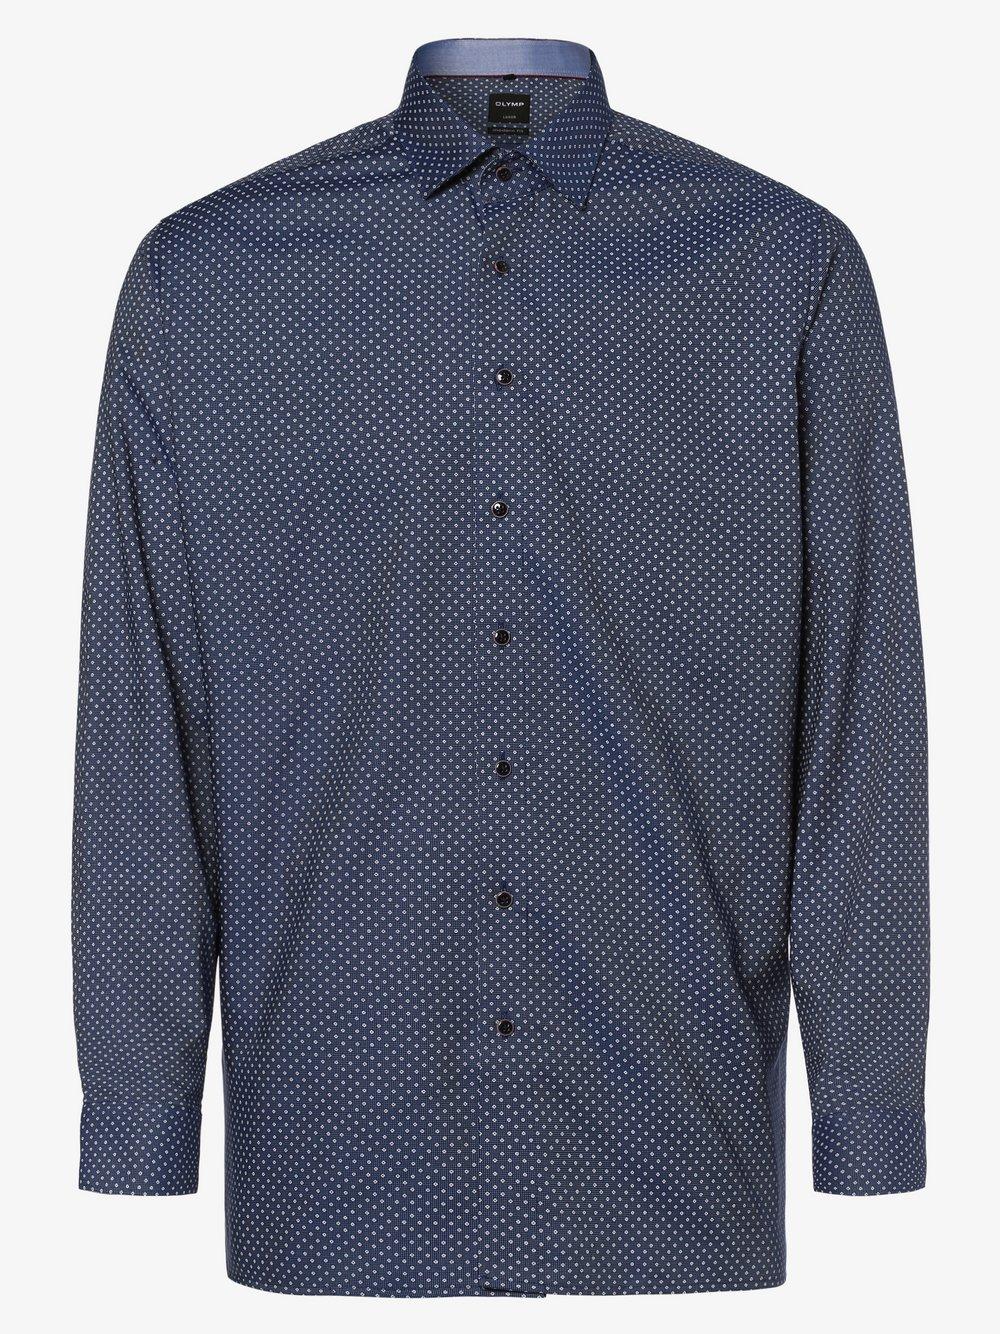 OLYMP Luxor modern Fit – Koszula męska niewymagająca prasowania z bardzo długim rękawem, niebieski Van Graaf 441908-0002-00410